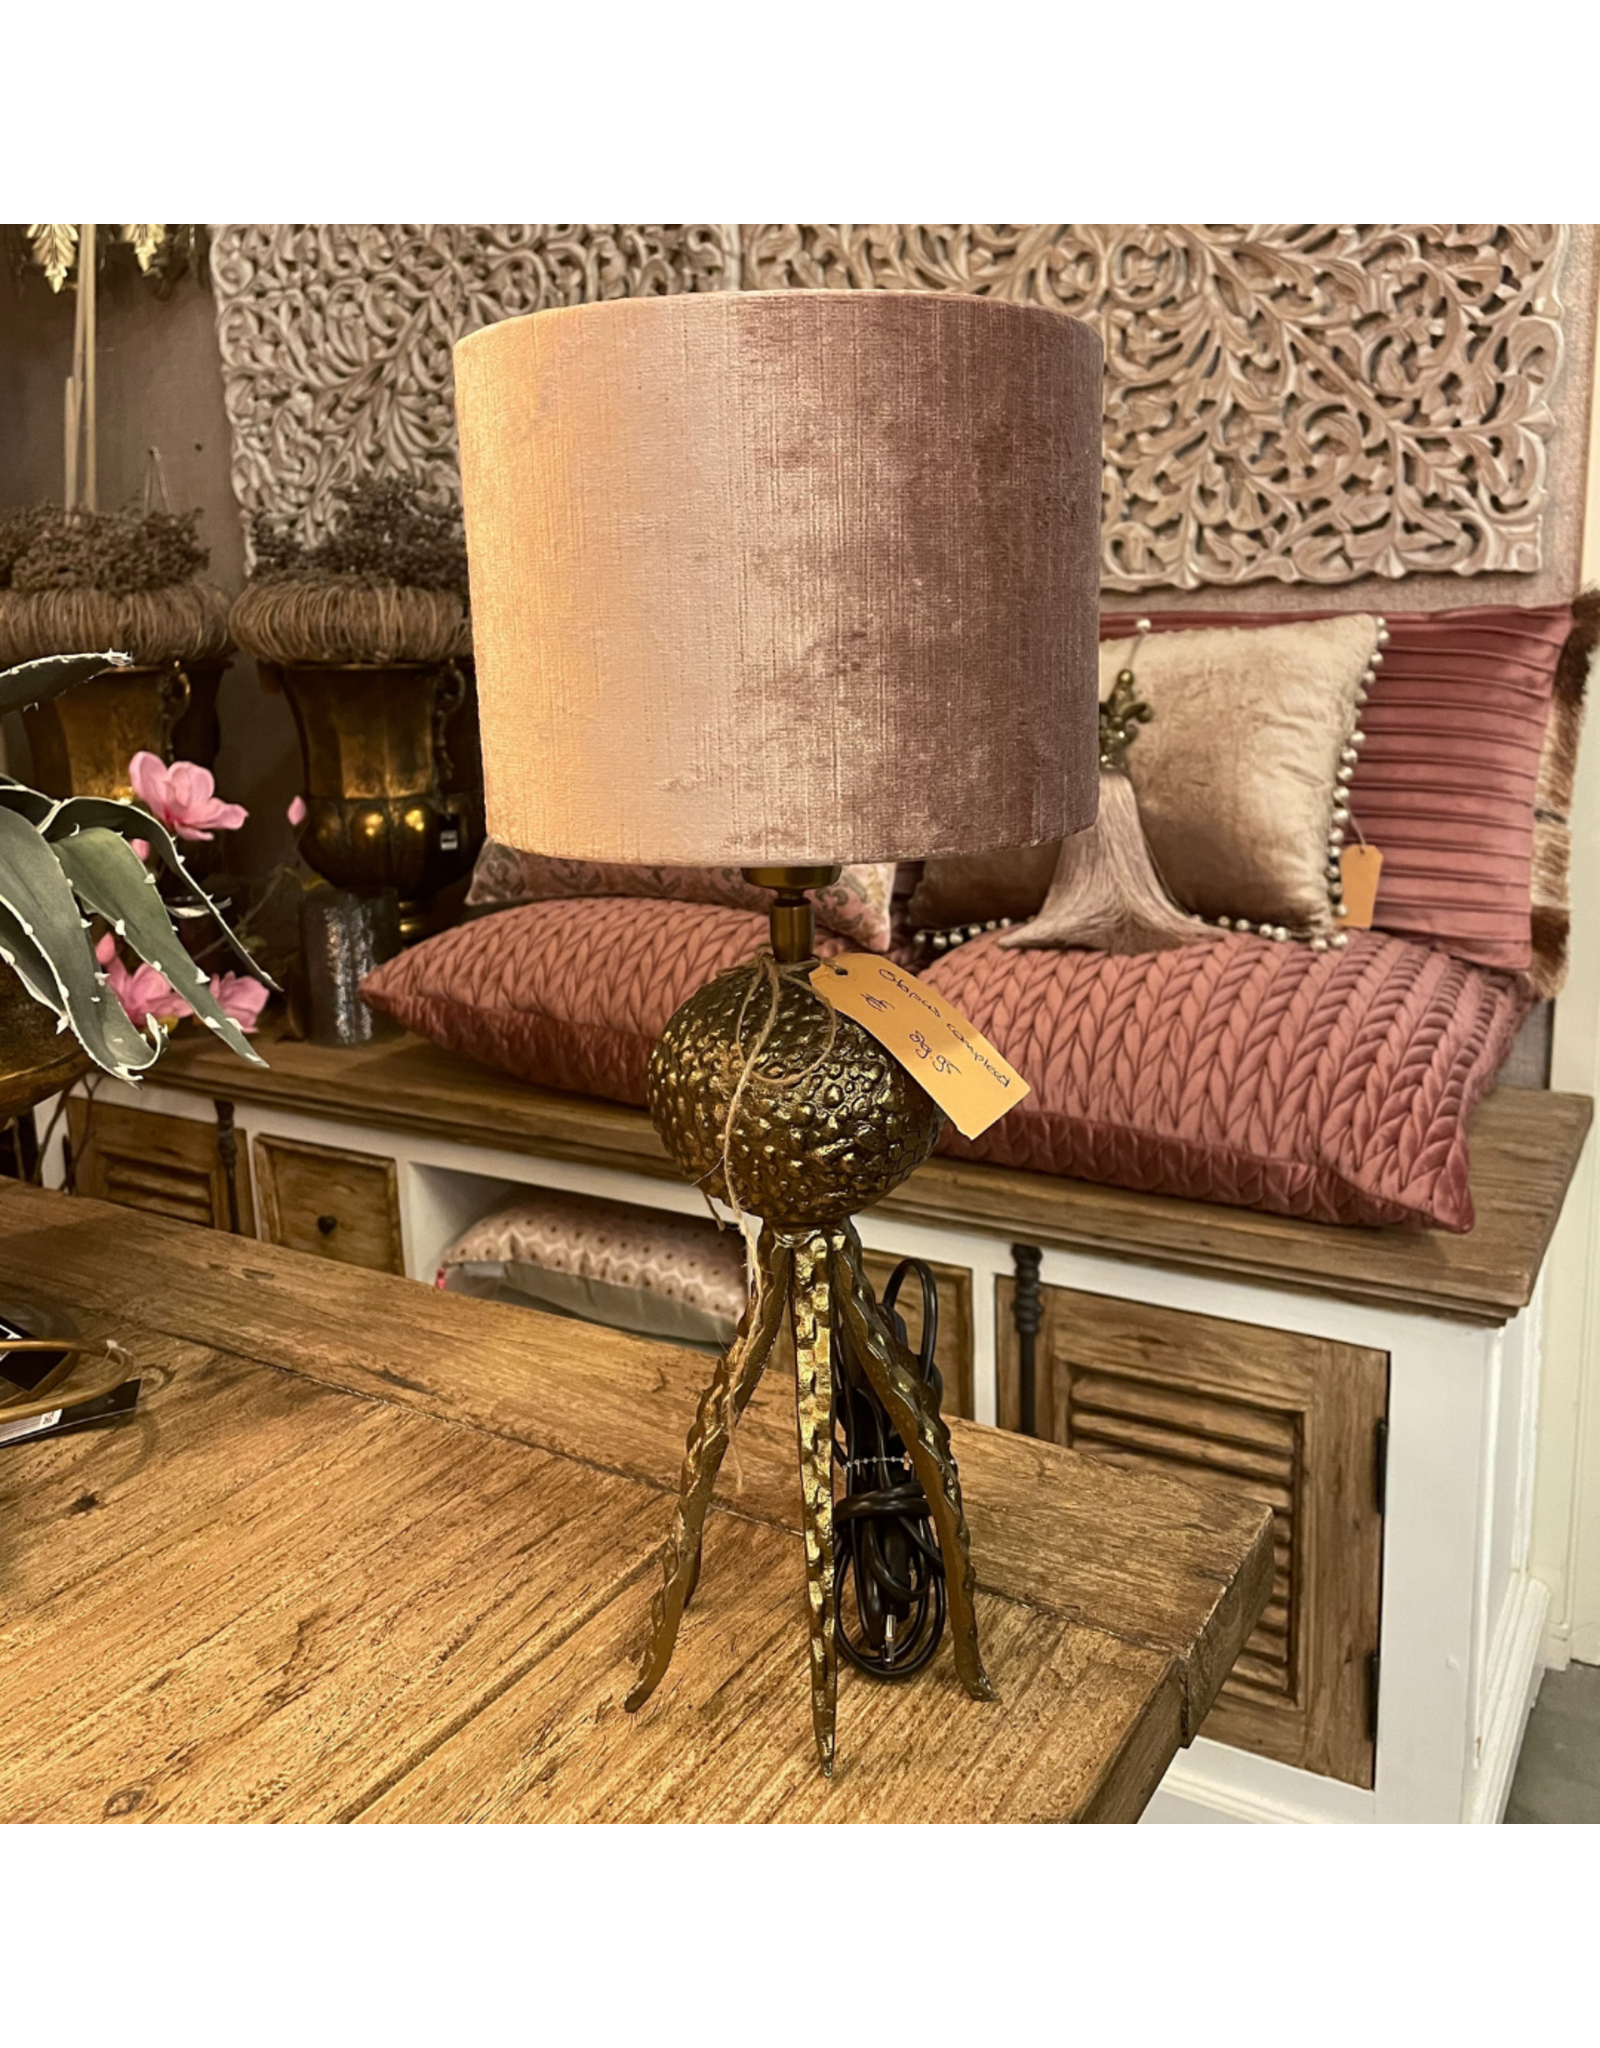 Atelier De Brocante Opkamer B.V. Octopus tafellamp goud incl. velvet kap roze